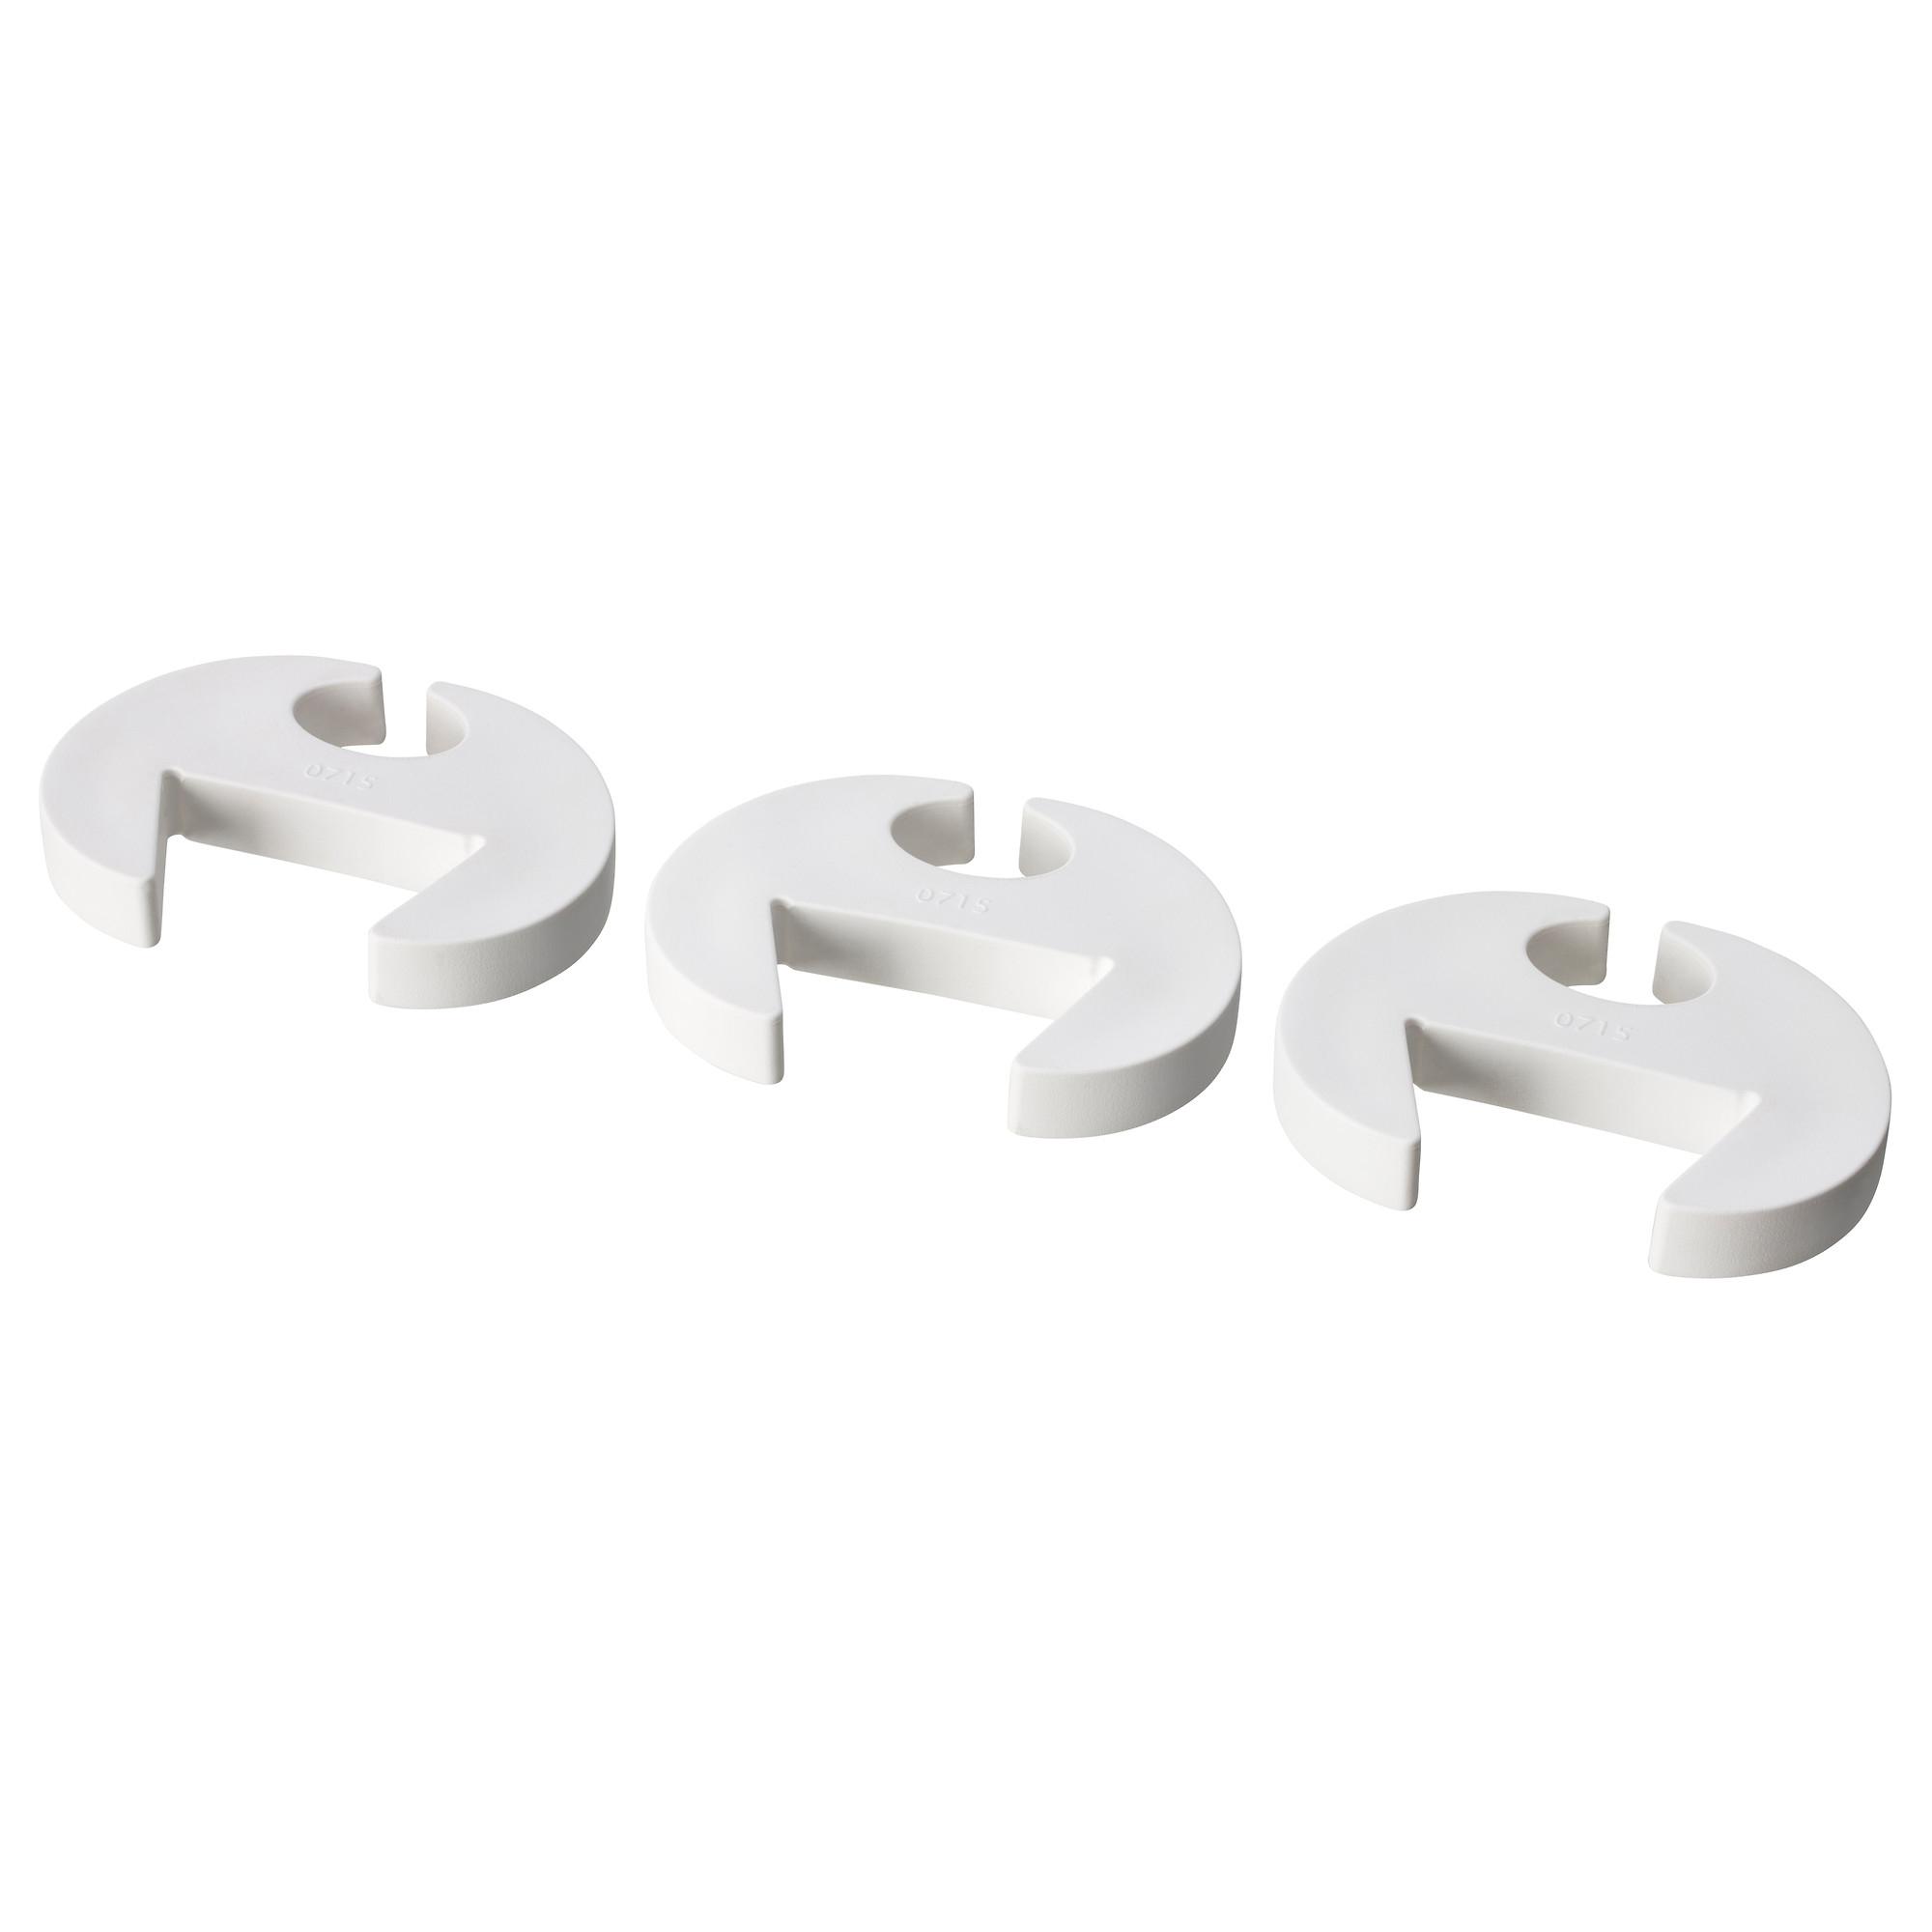 Patrull protector pinzamiento p puerta - Ikea tenerife productos ...